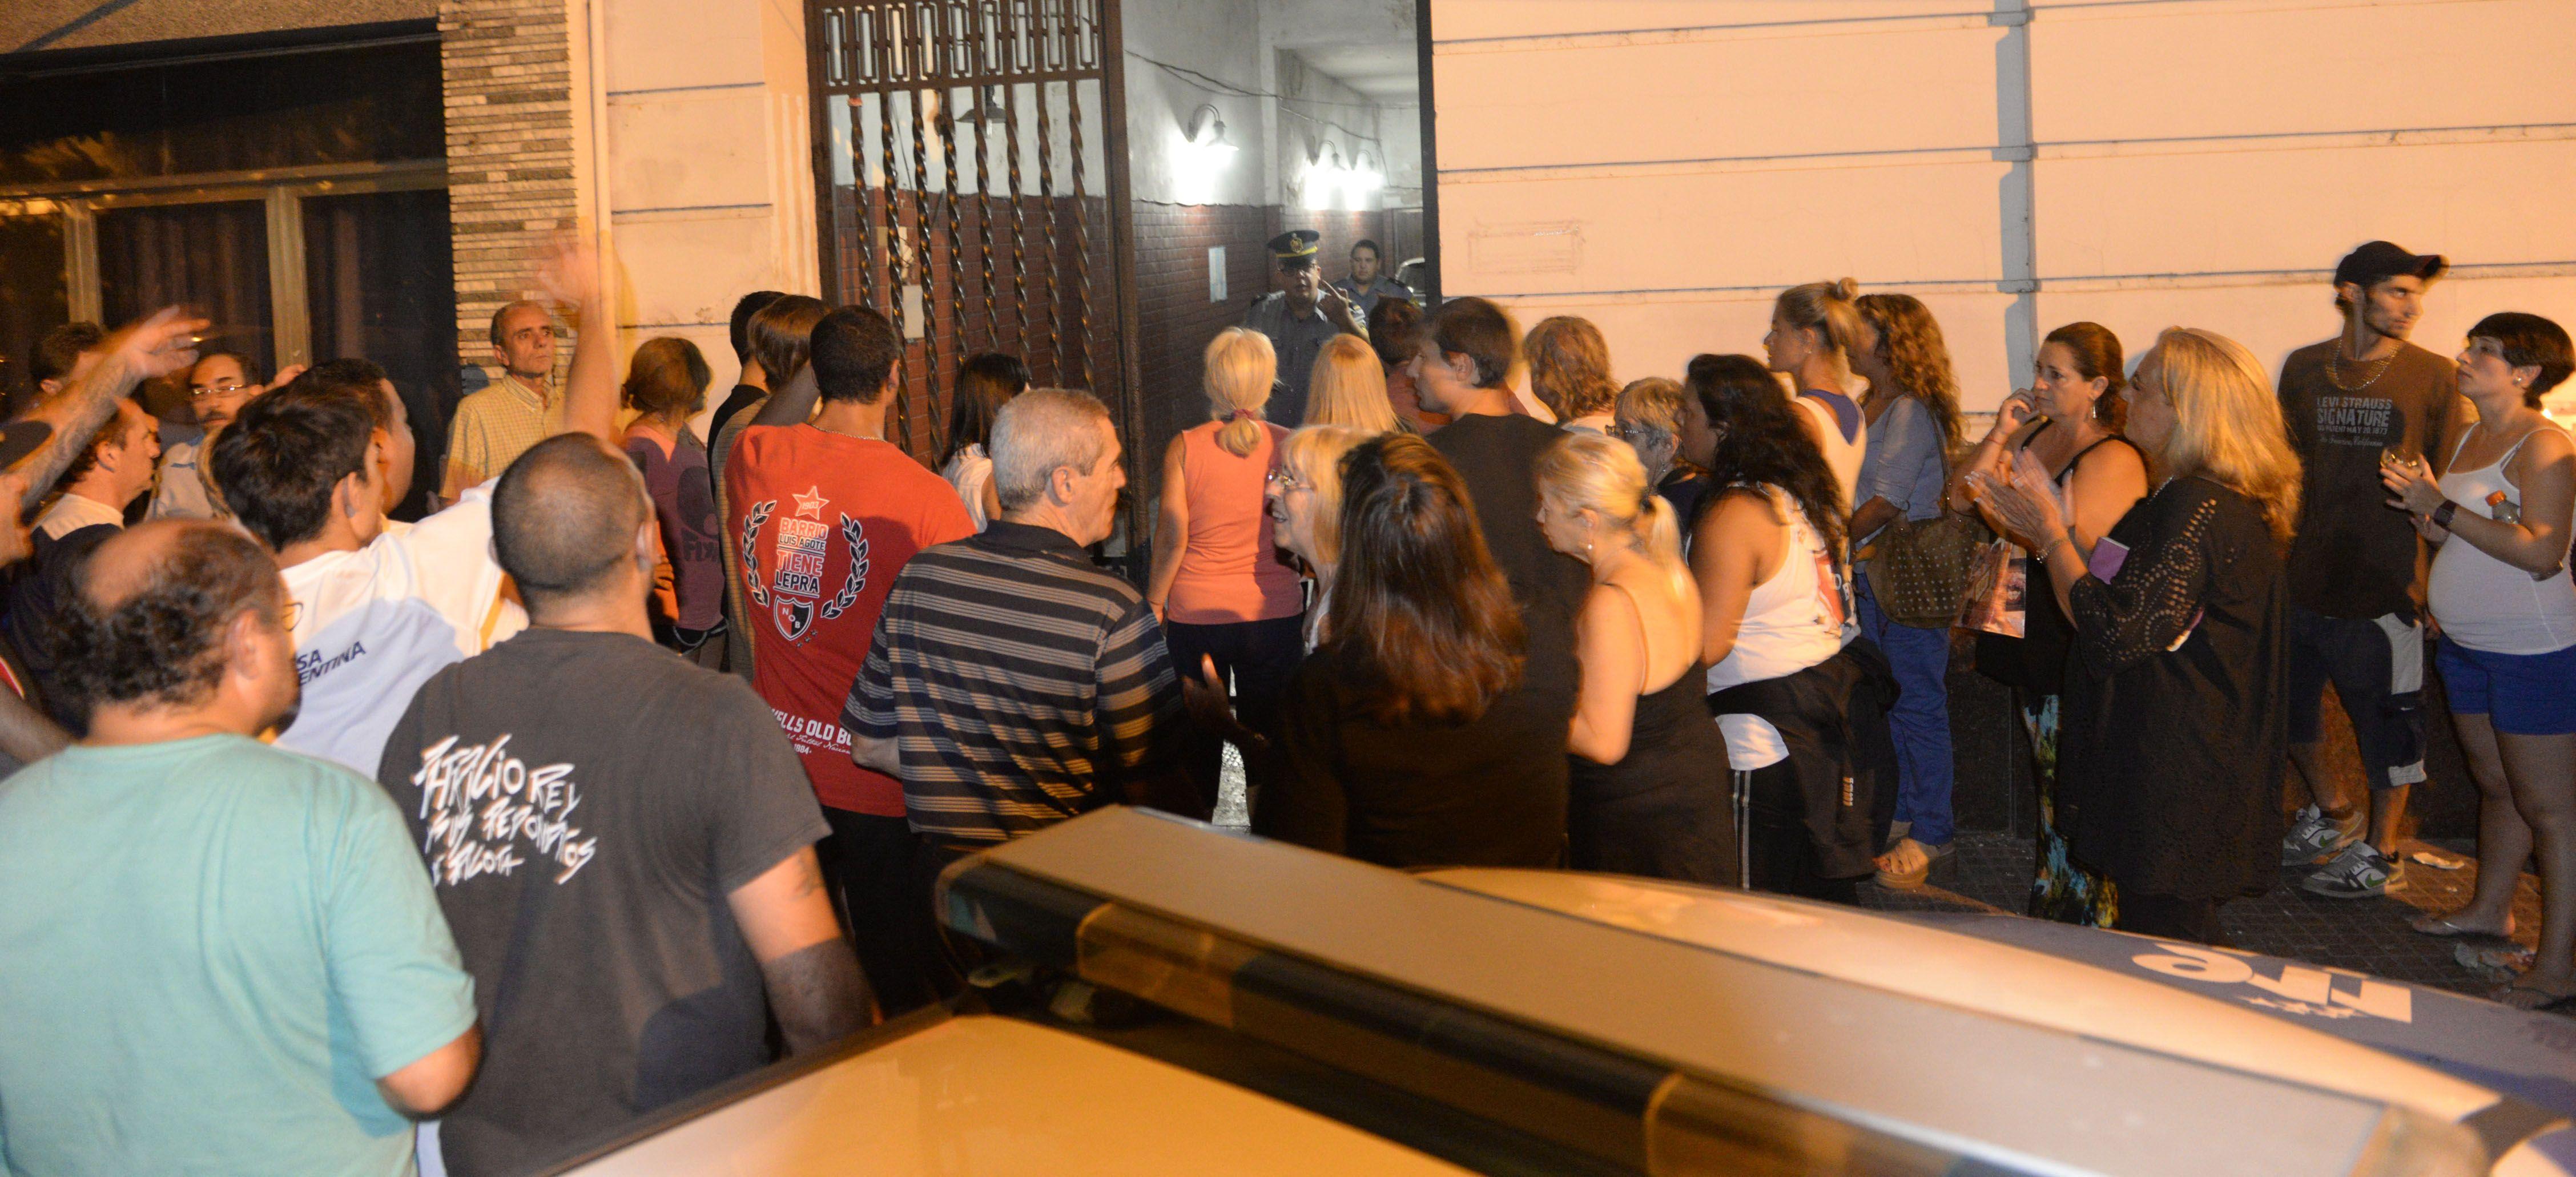 Alrededor de 400 personas se manifestaron ayer frente a la seccional 7ª para pedir justicia y seguridad.